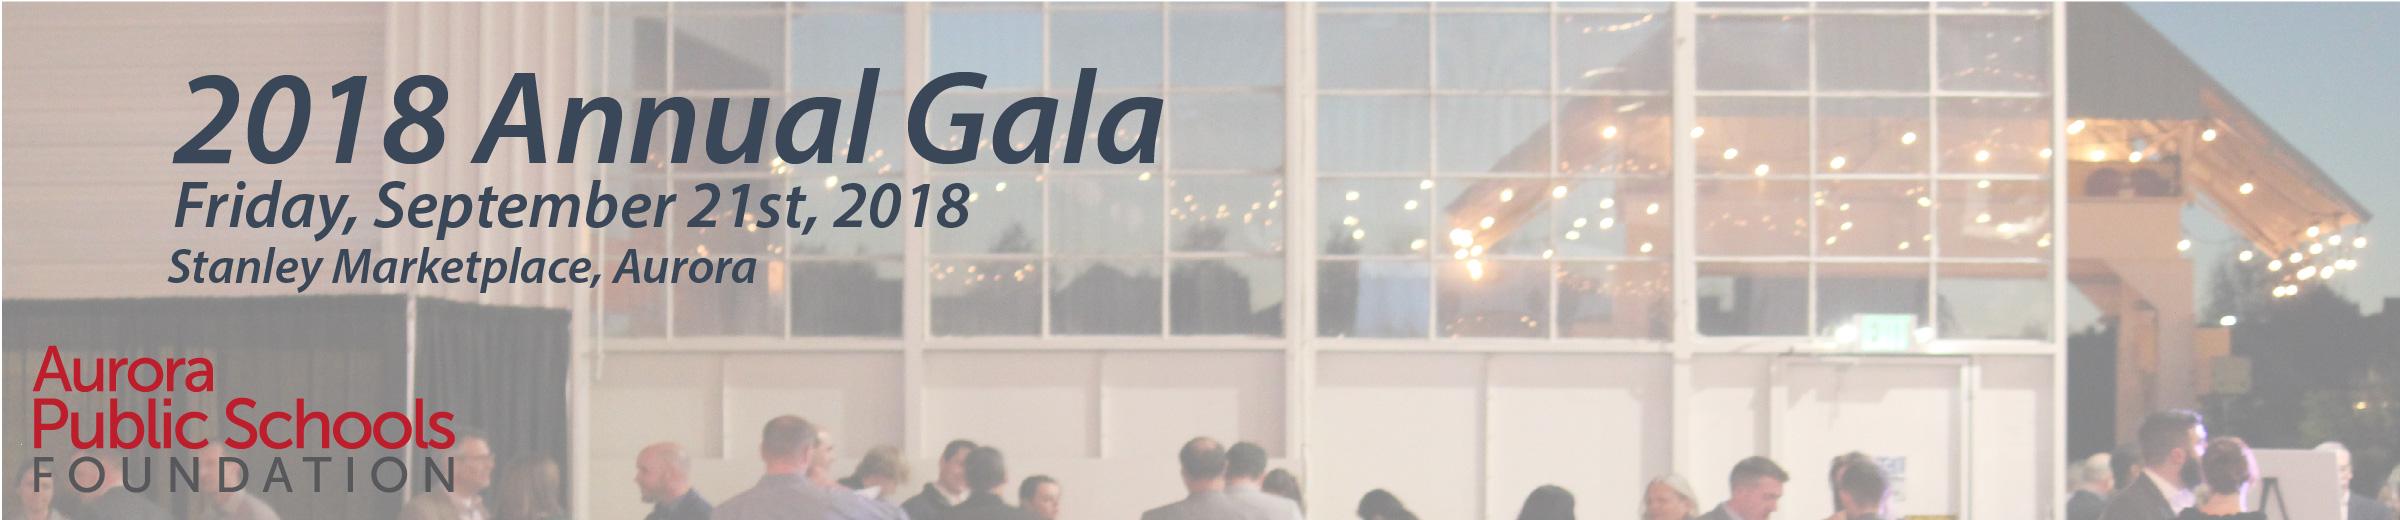 2018 Gala Web Asset-01